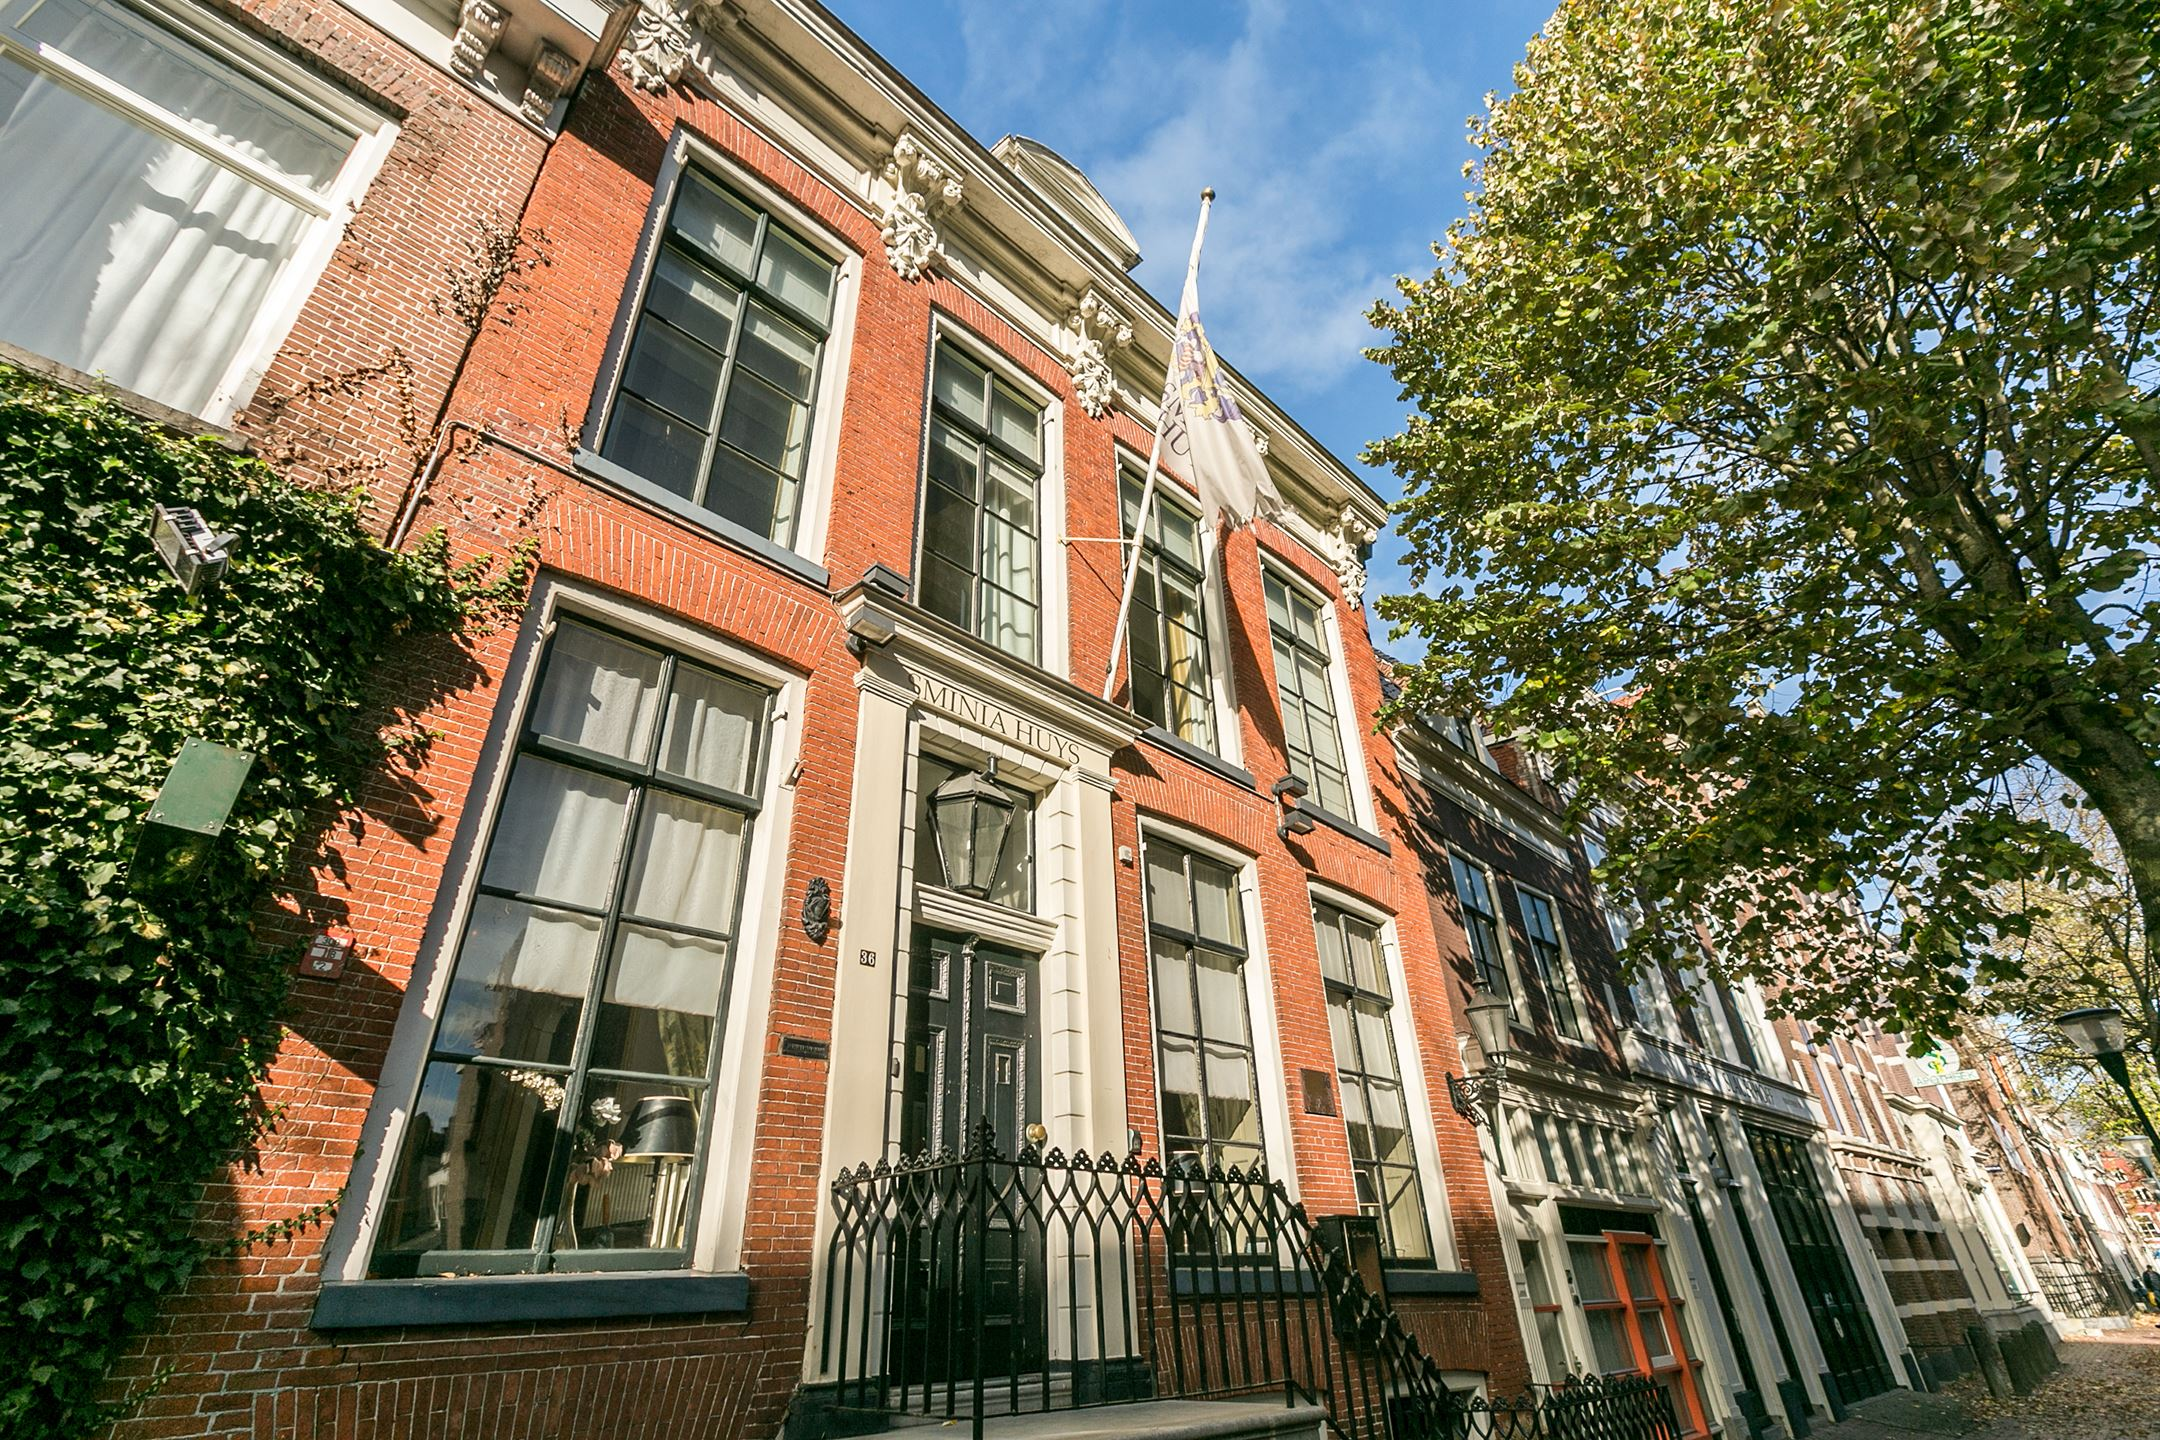 Keuken Kopen Leeuwarden : Huis te koop: tweebaksmarkt 36 8911 kx leeuwarden [funda]